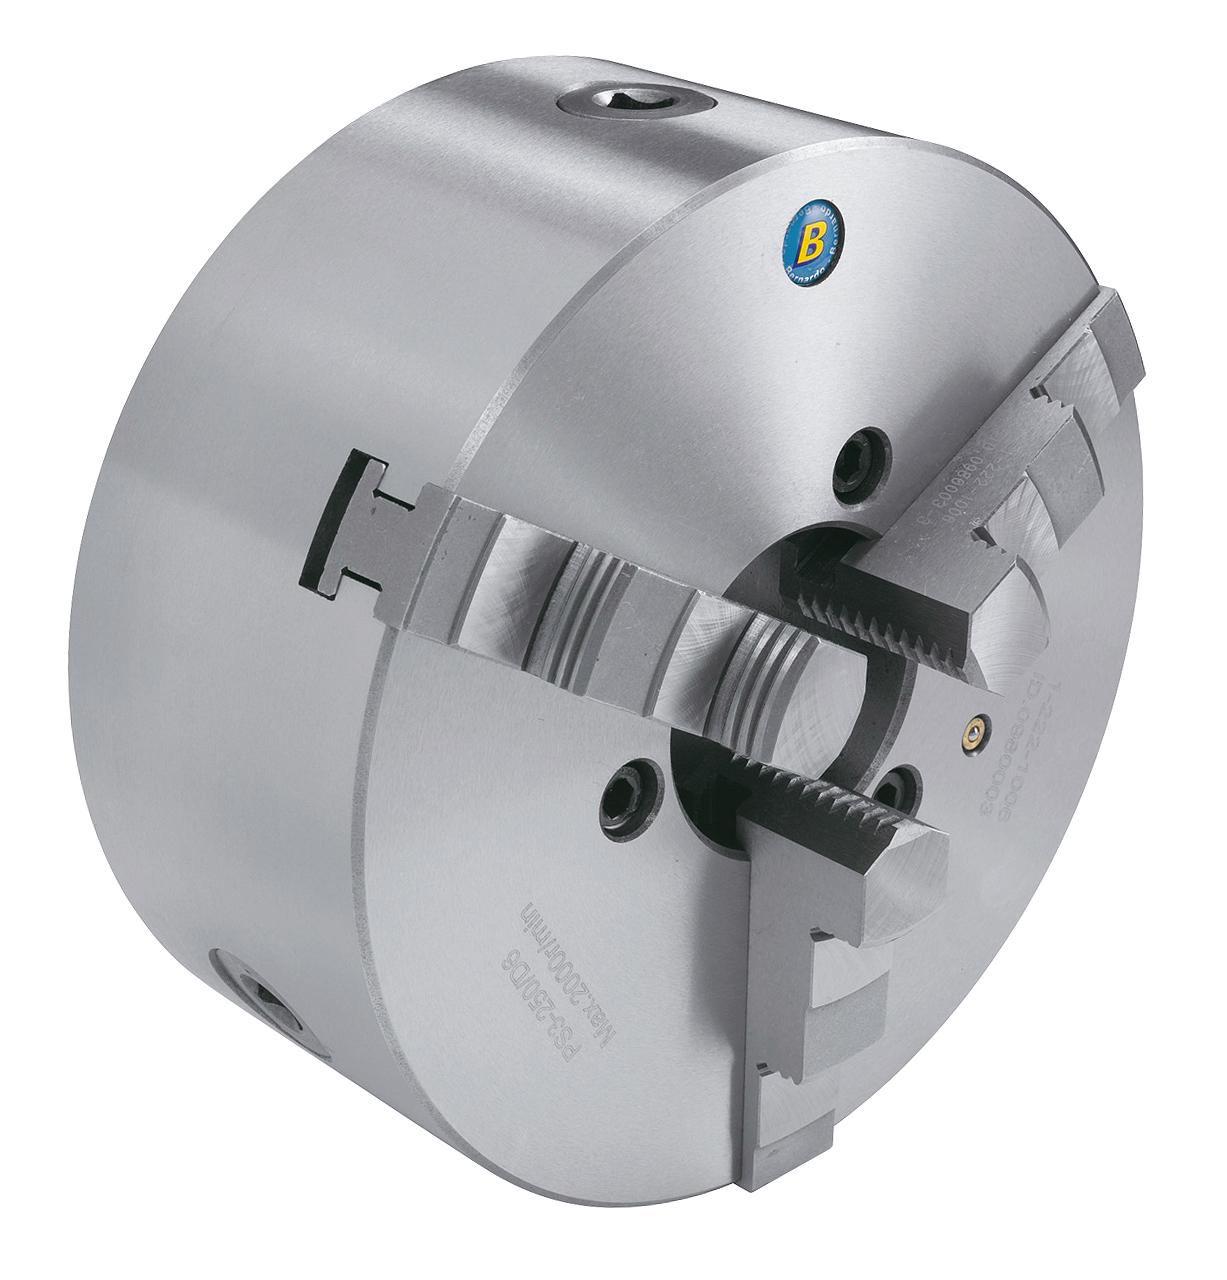 Uchwyt tokarski 3-szczękowy Bernardo PS3-D zgodnie z DIN 55029, PS3-400/D8, żeliwny BERNARDO